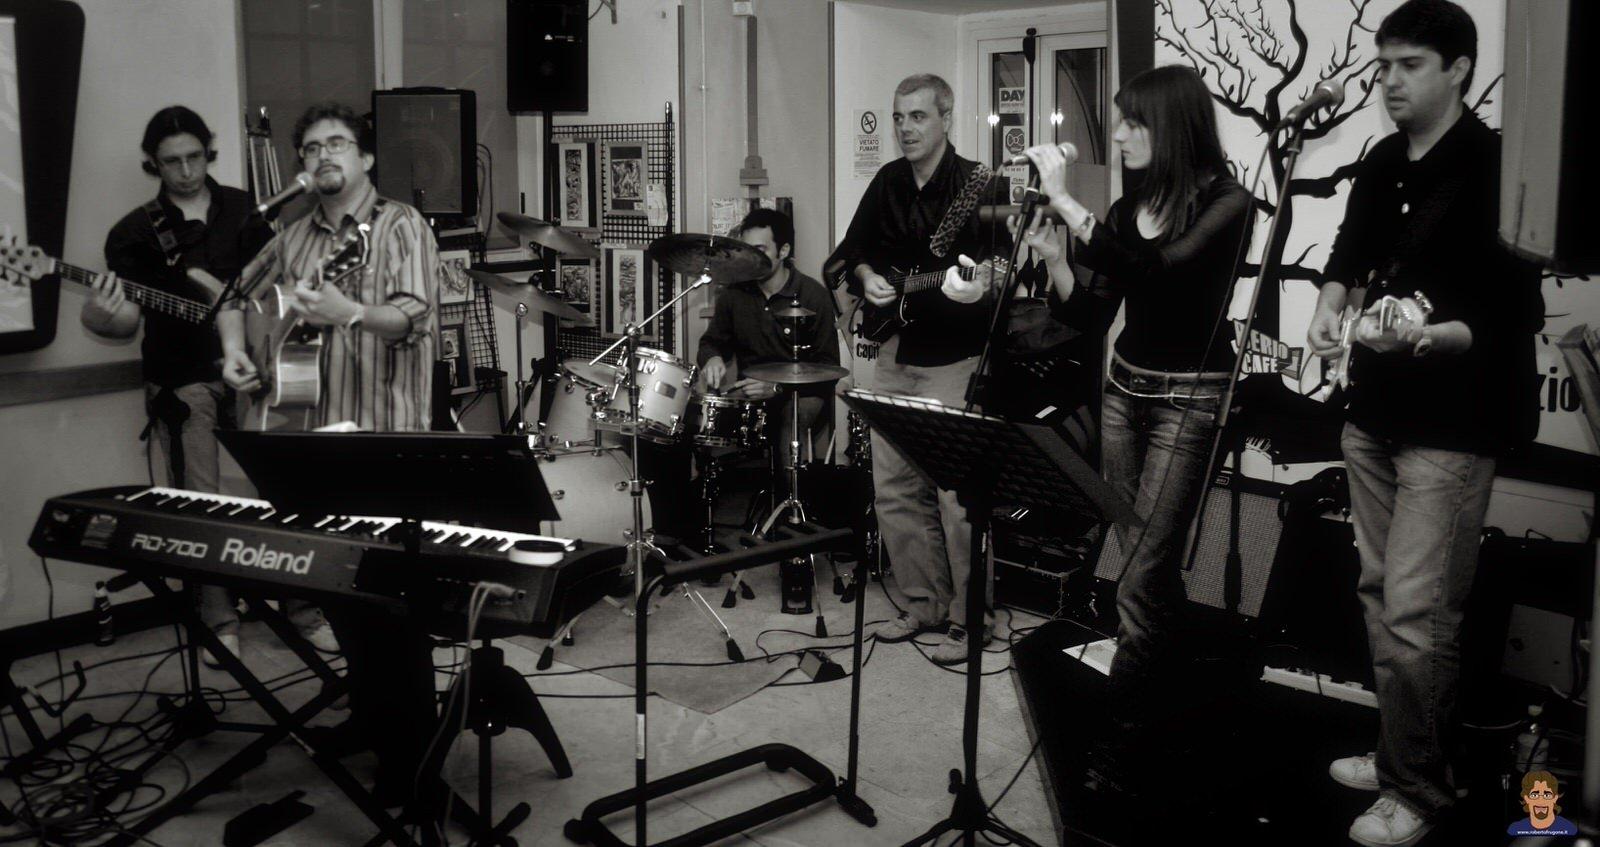 Roberto Frugone Band cantautore live concerto Genova Berio Cafè 01